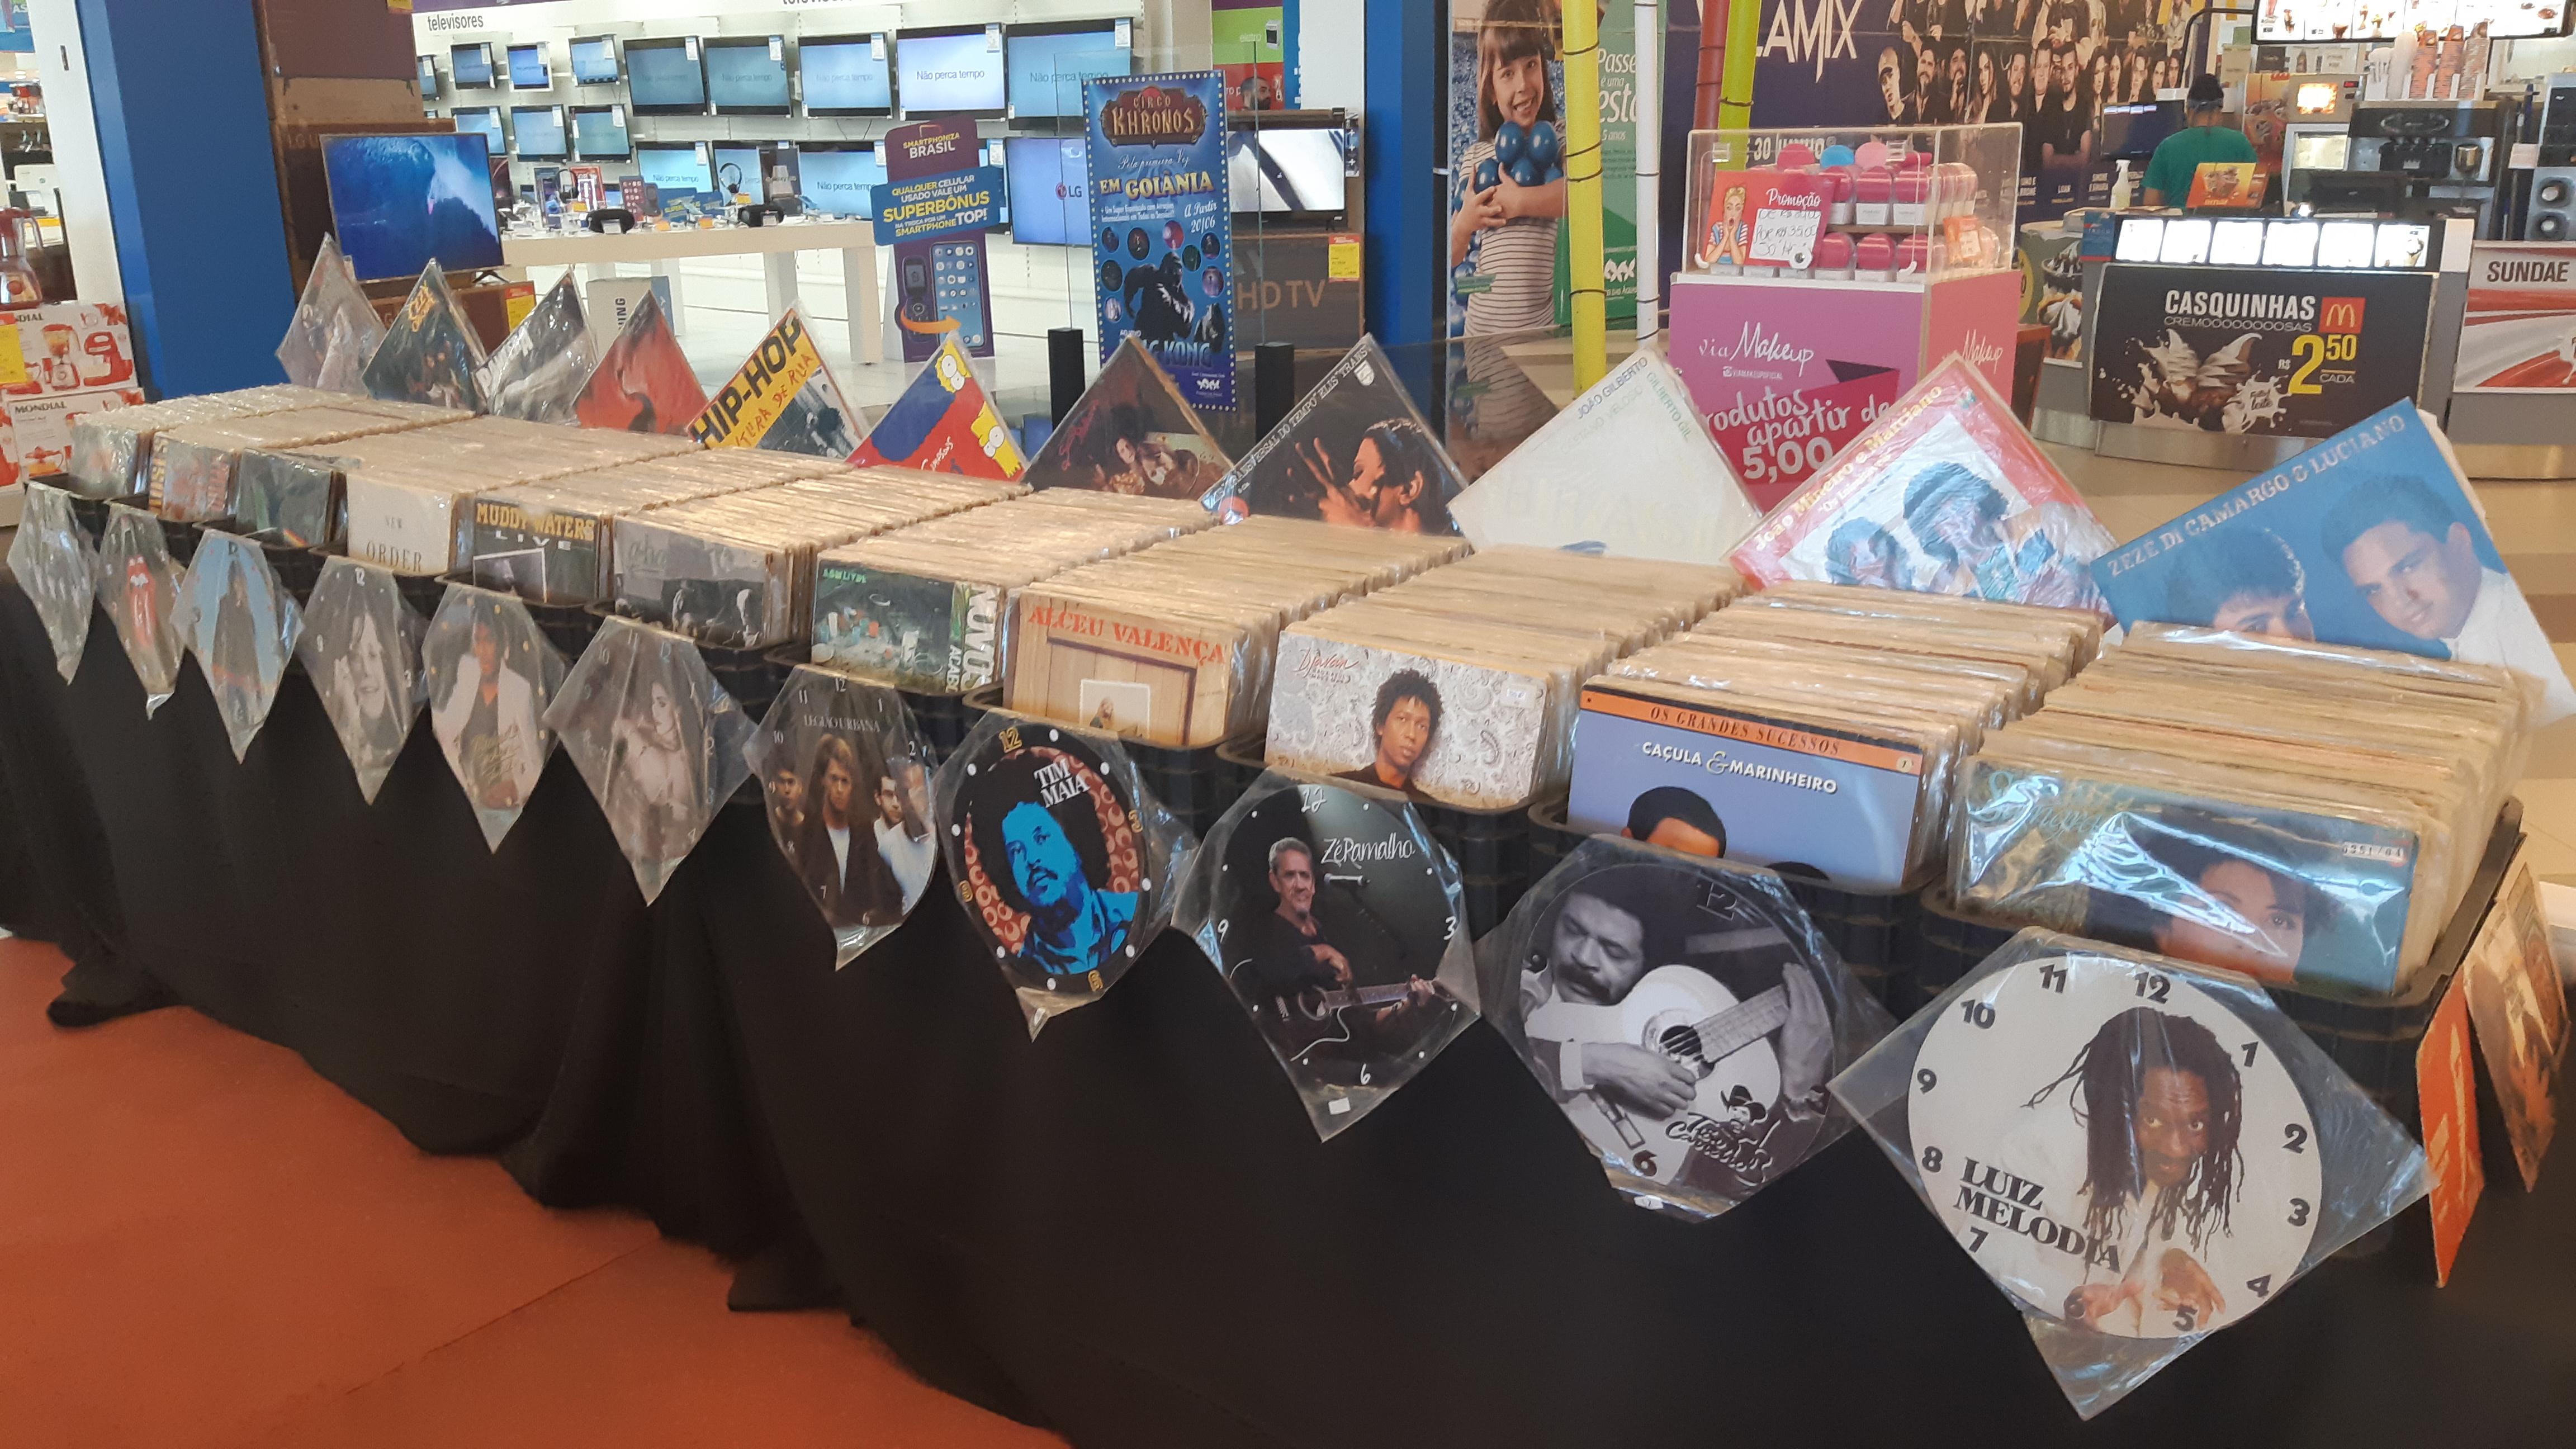 Passeio das Águas Shopping recebe feira de vinis em comemoração ao mês do rock